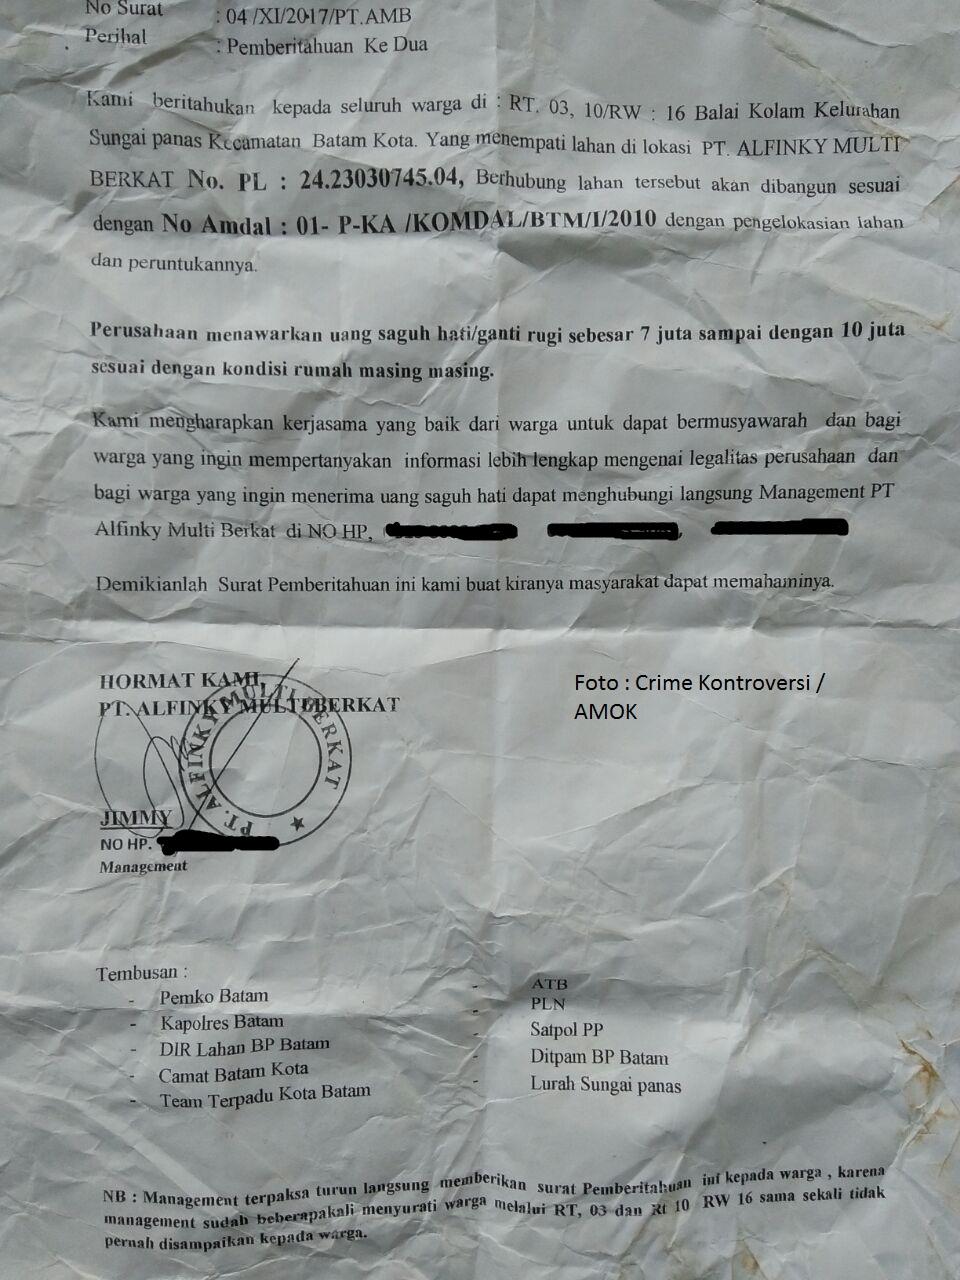 Inilah Surat Edaran Penggusuran Yang Diedarkan Oleh Pihak Manajemen Perusahaan Kepri Aktual Aktual Tajam Terpercaya